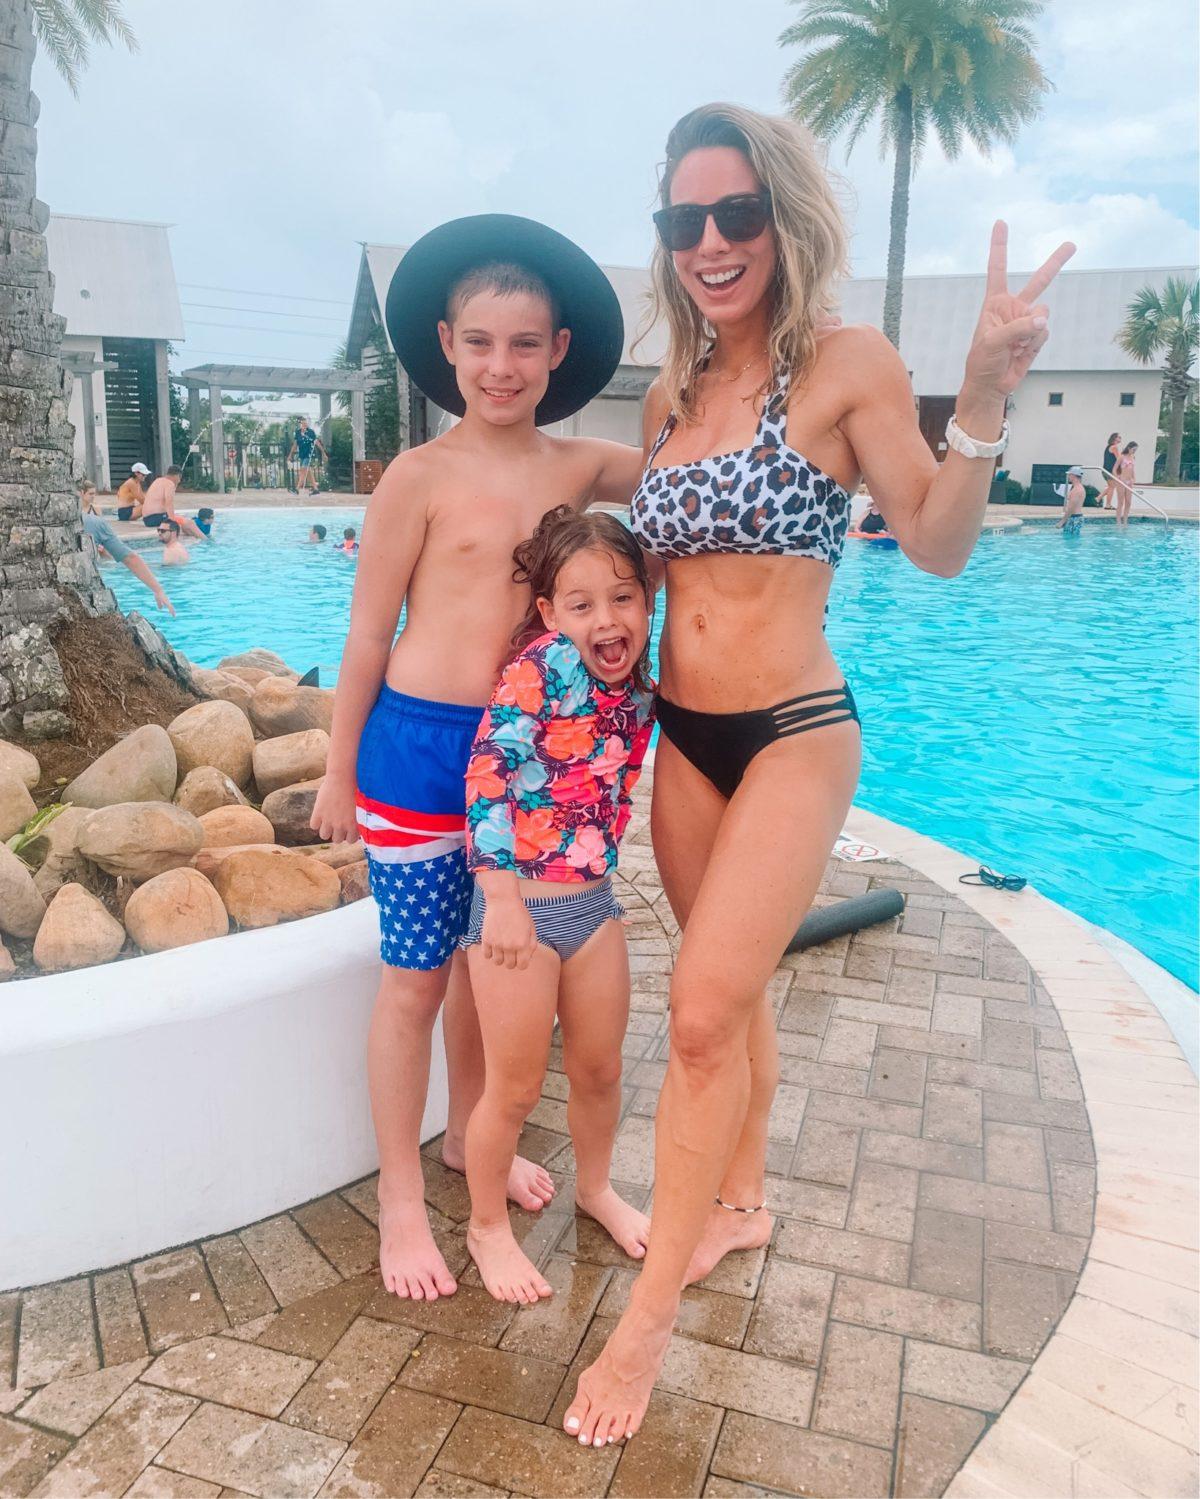 Leopar Swimsuit, Sun Hat